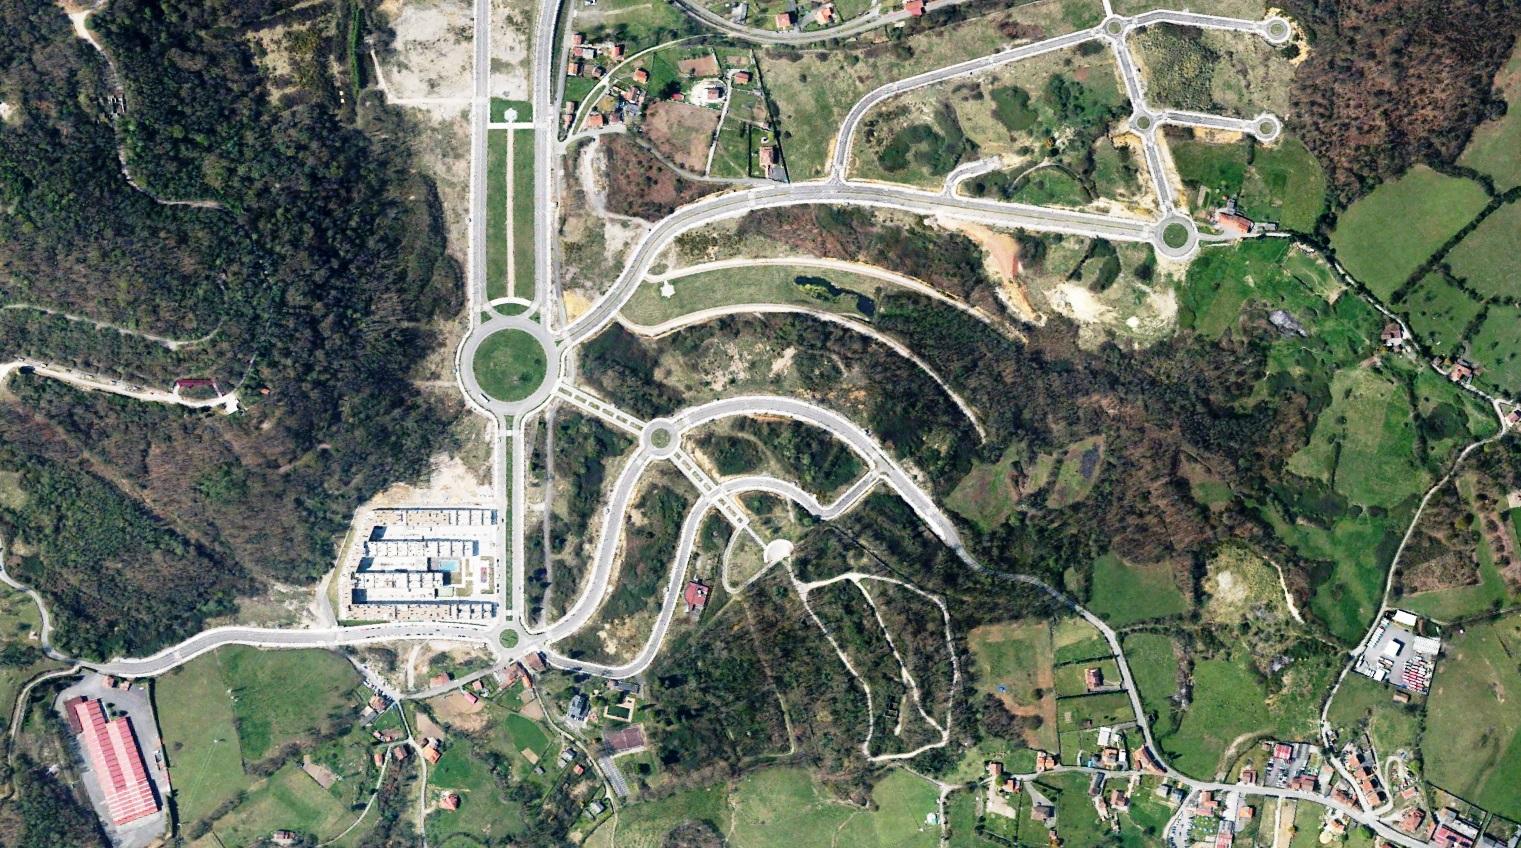 después, urbanismo, foto aérea,desastre, urbanístico, planeamiento, urbano, construcción, La Manxoya,Oviedo, Manjoya, Asturias, Asturies